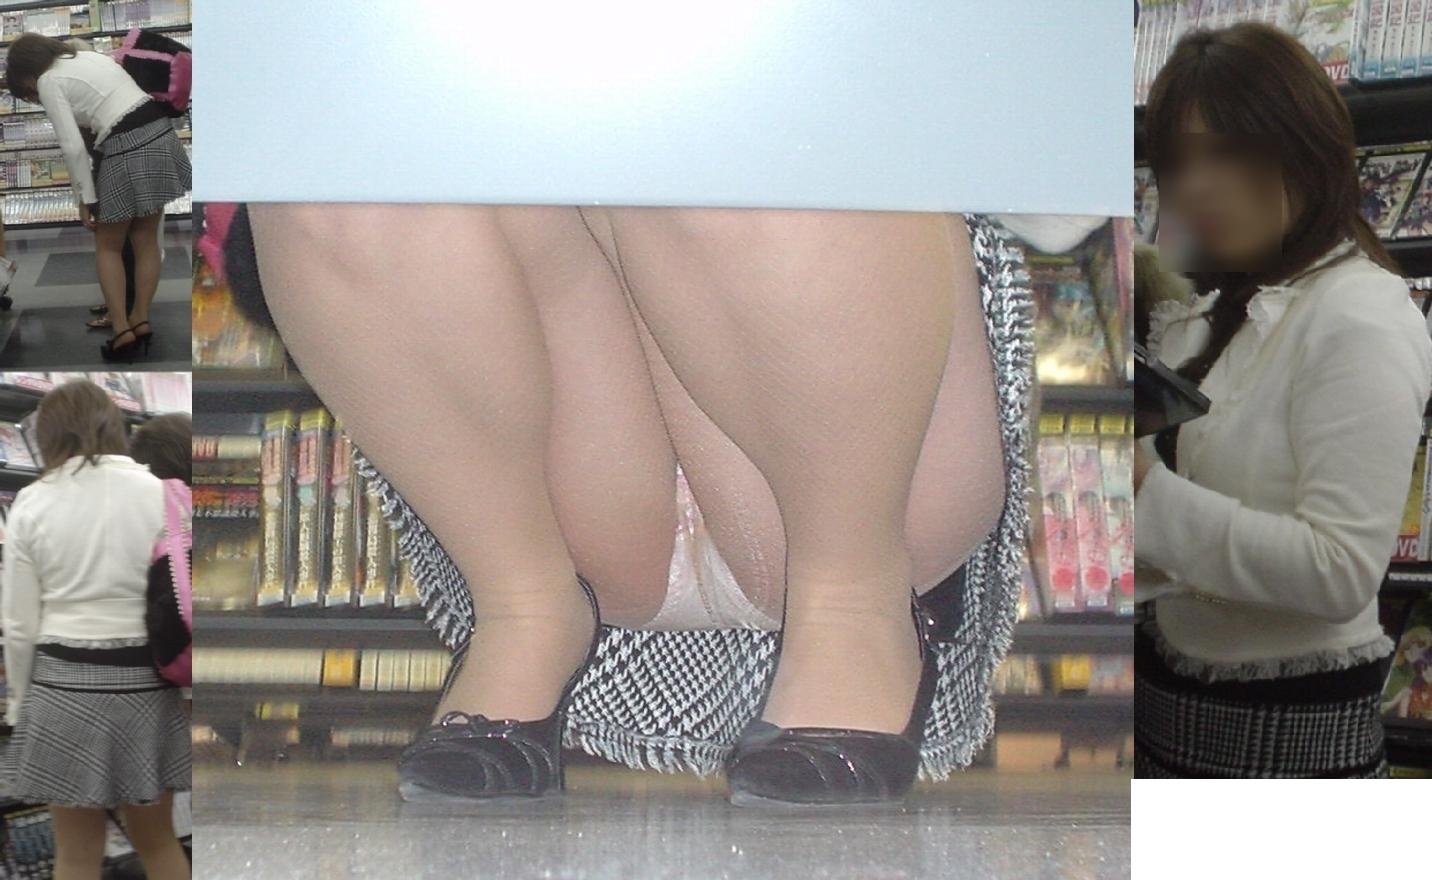 【パンチラエロ画像】クリスマスでもミニスカ客はきっと…店内棚下パンチラwww 08